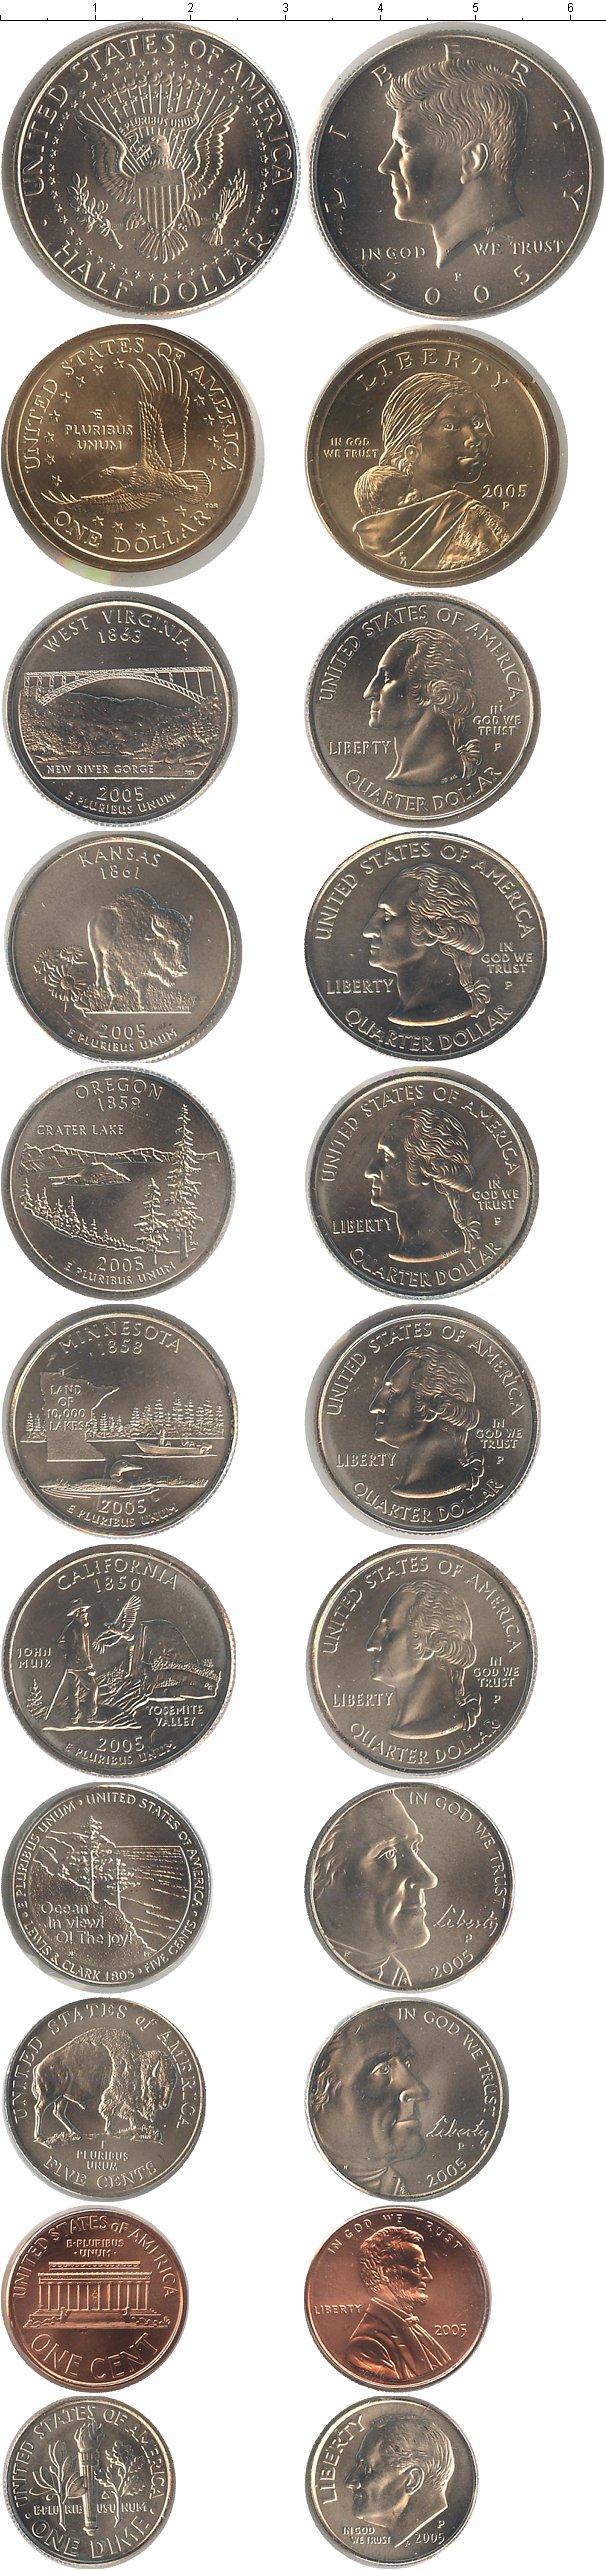 Картинка Подарочные монеты США США 2005  2005